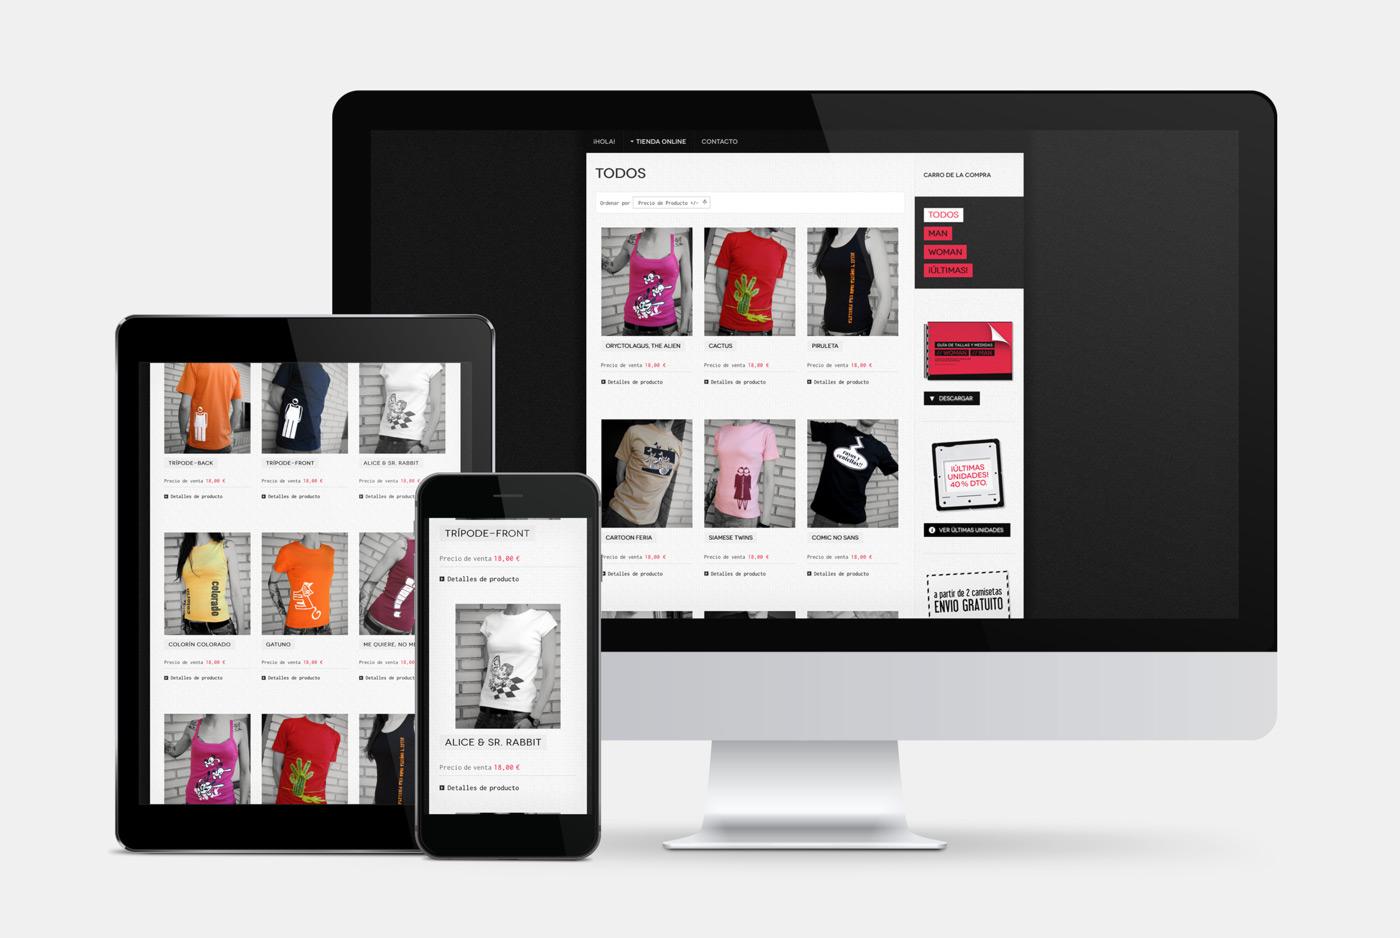 diseño de catálogo de productos para venta online para Caravelusa